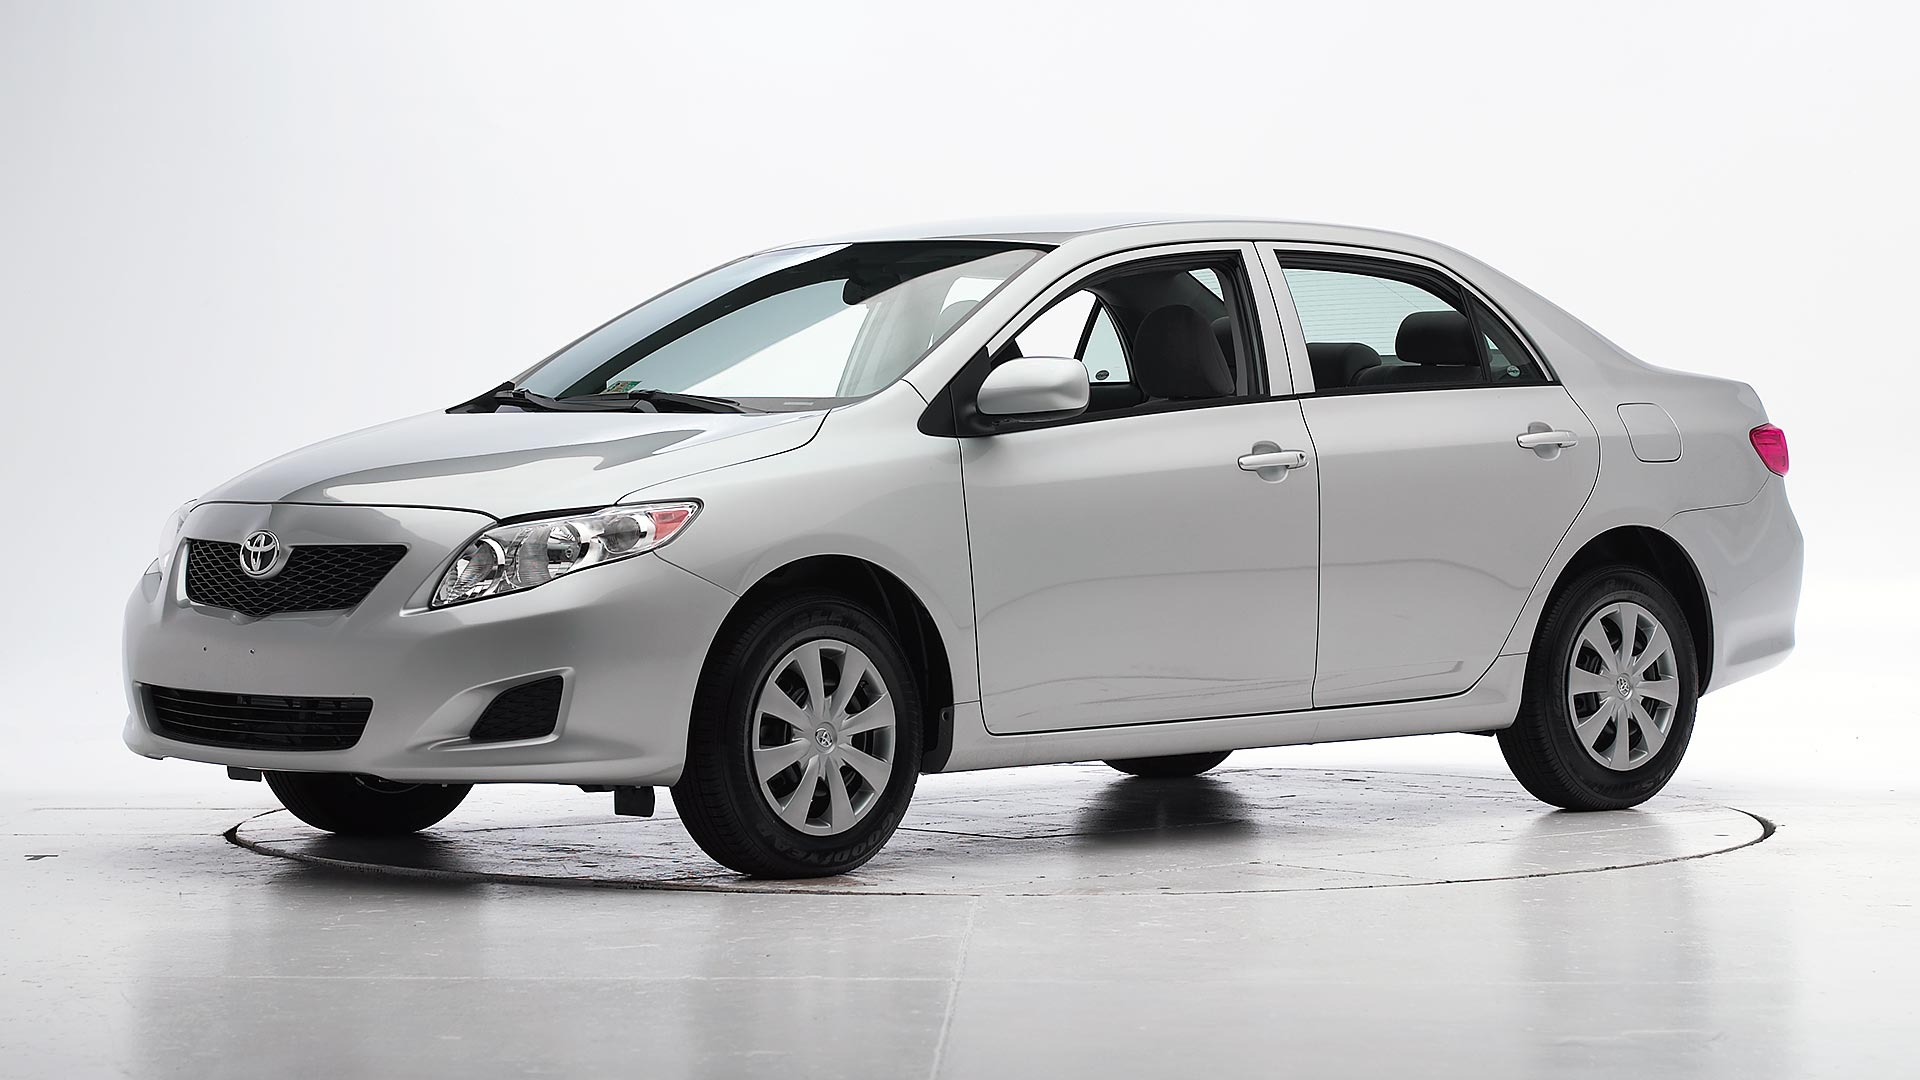 Kekurangan Toyota Altis 2009 Tangguh